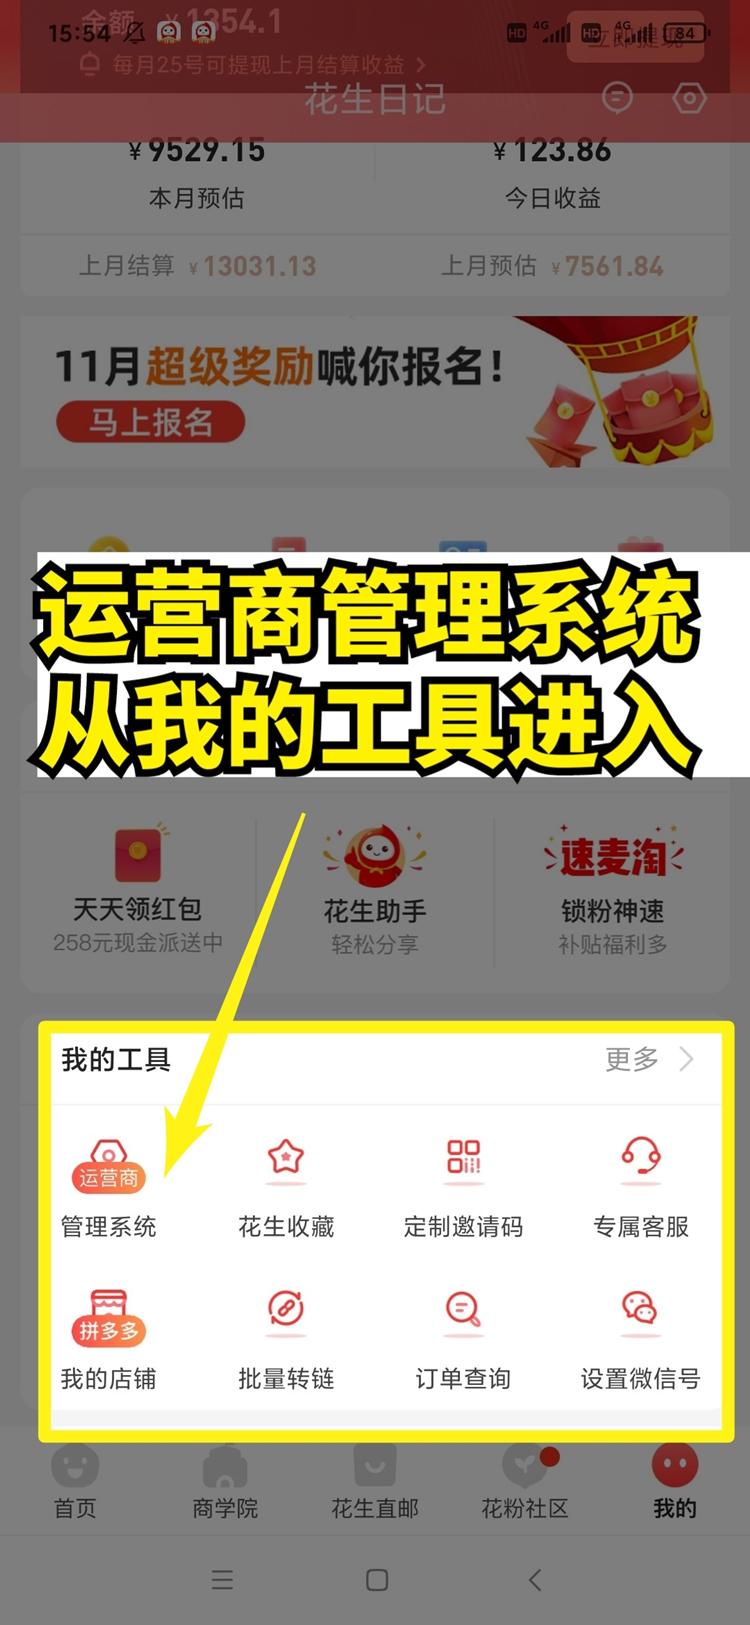 今日重要更新,花生日记最新版4.8.6更新说明!